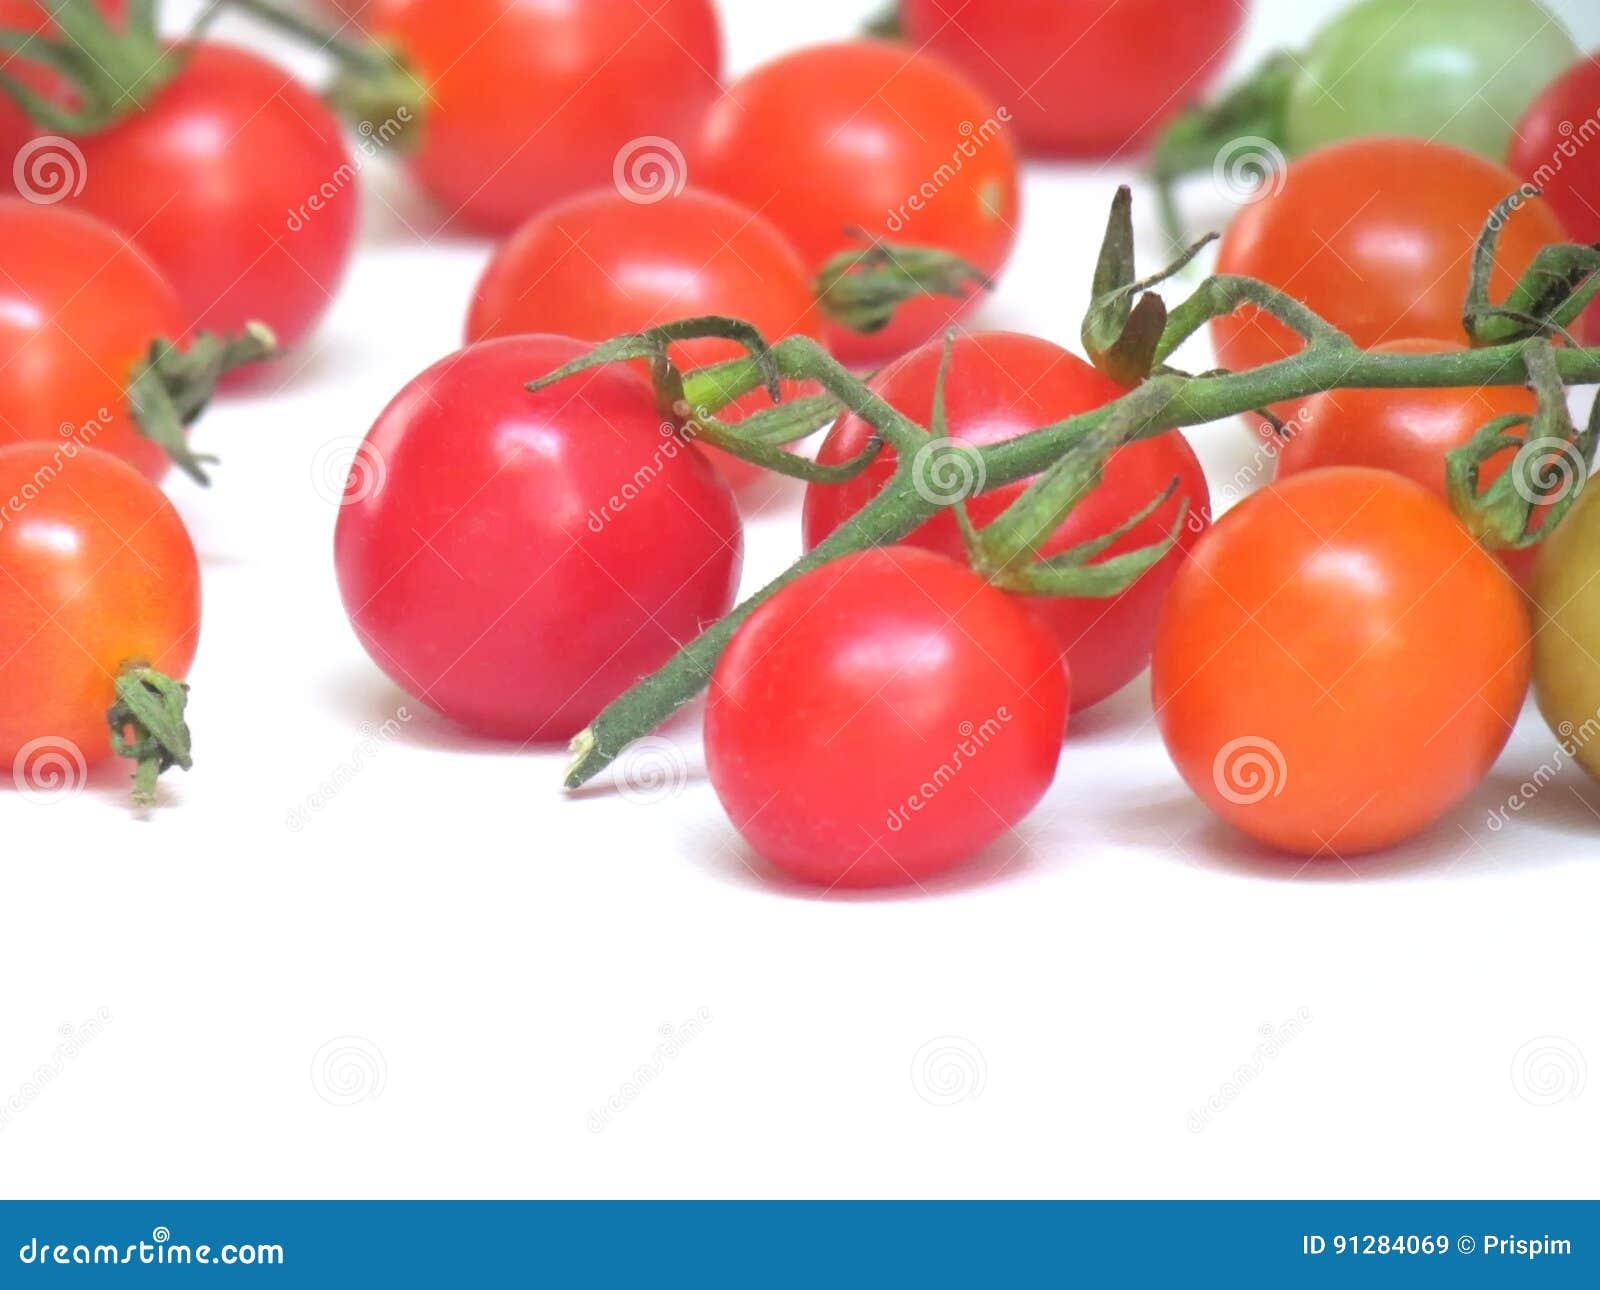 Nya tomater i en variation av färger